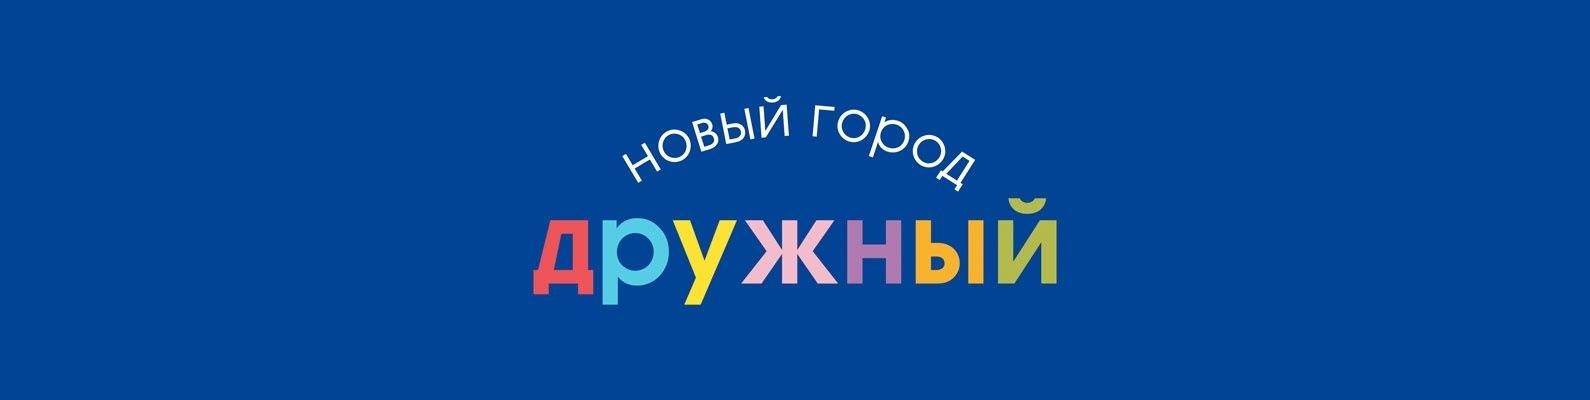 (c) Tetradka.org.ru